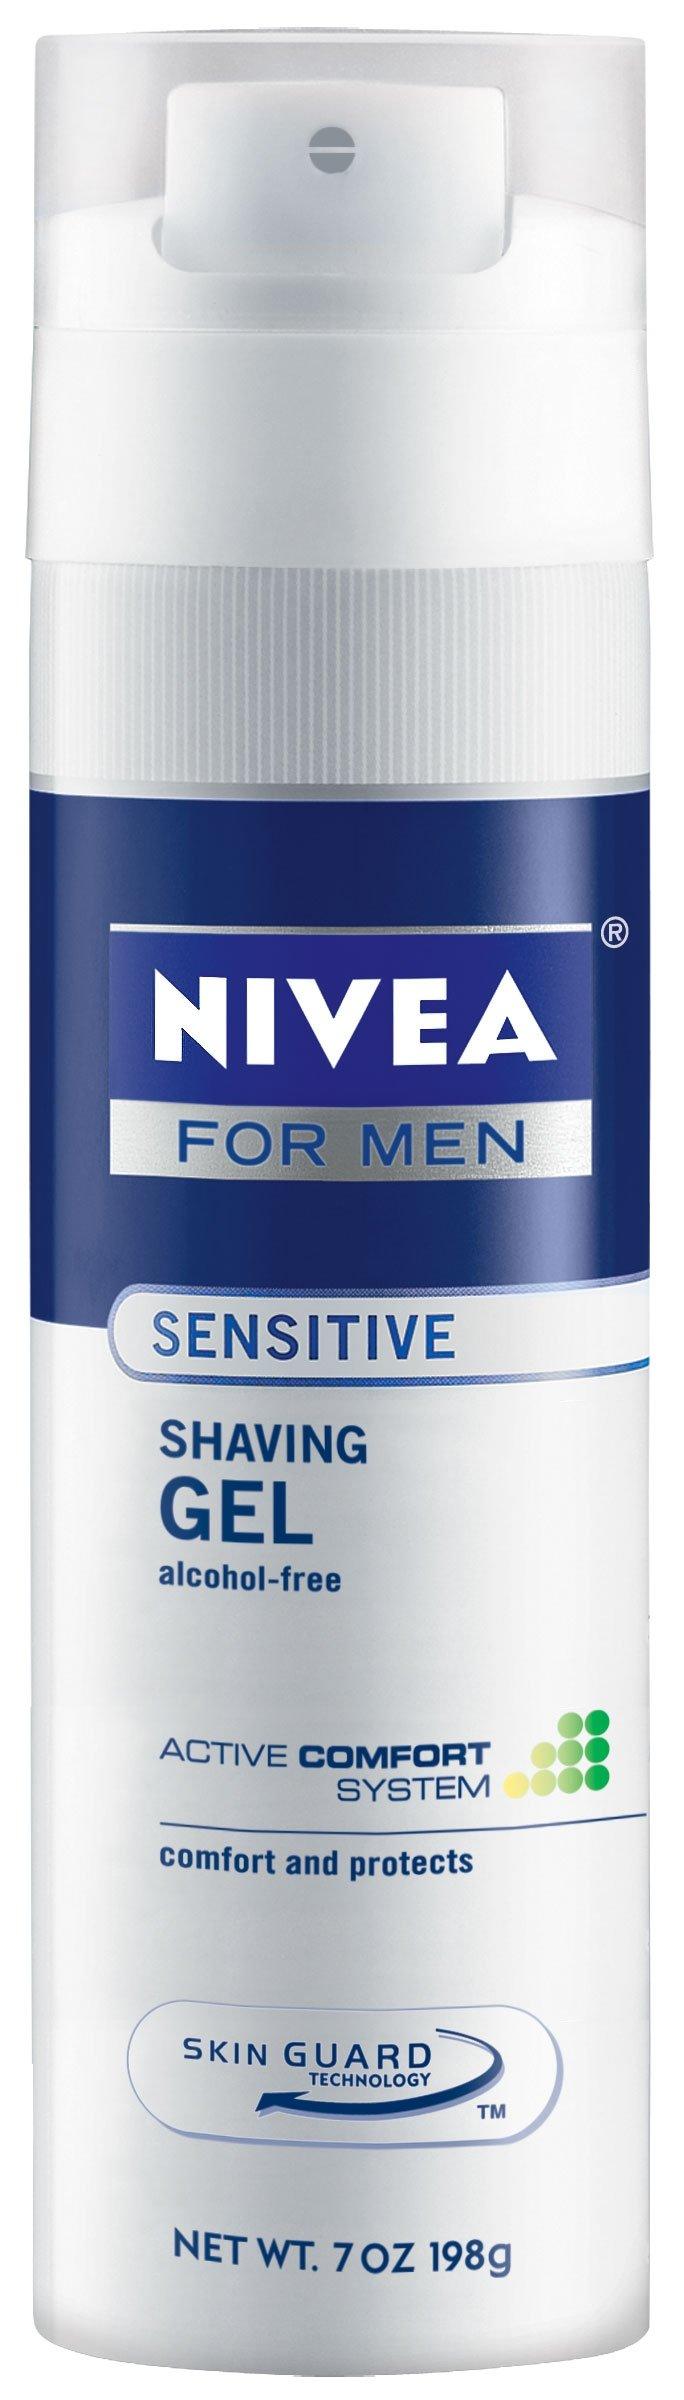 Nivea For Men Sensitive Shave Gel, 7-Ounce Canister (Pack of 12) by Nivea Men